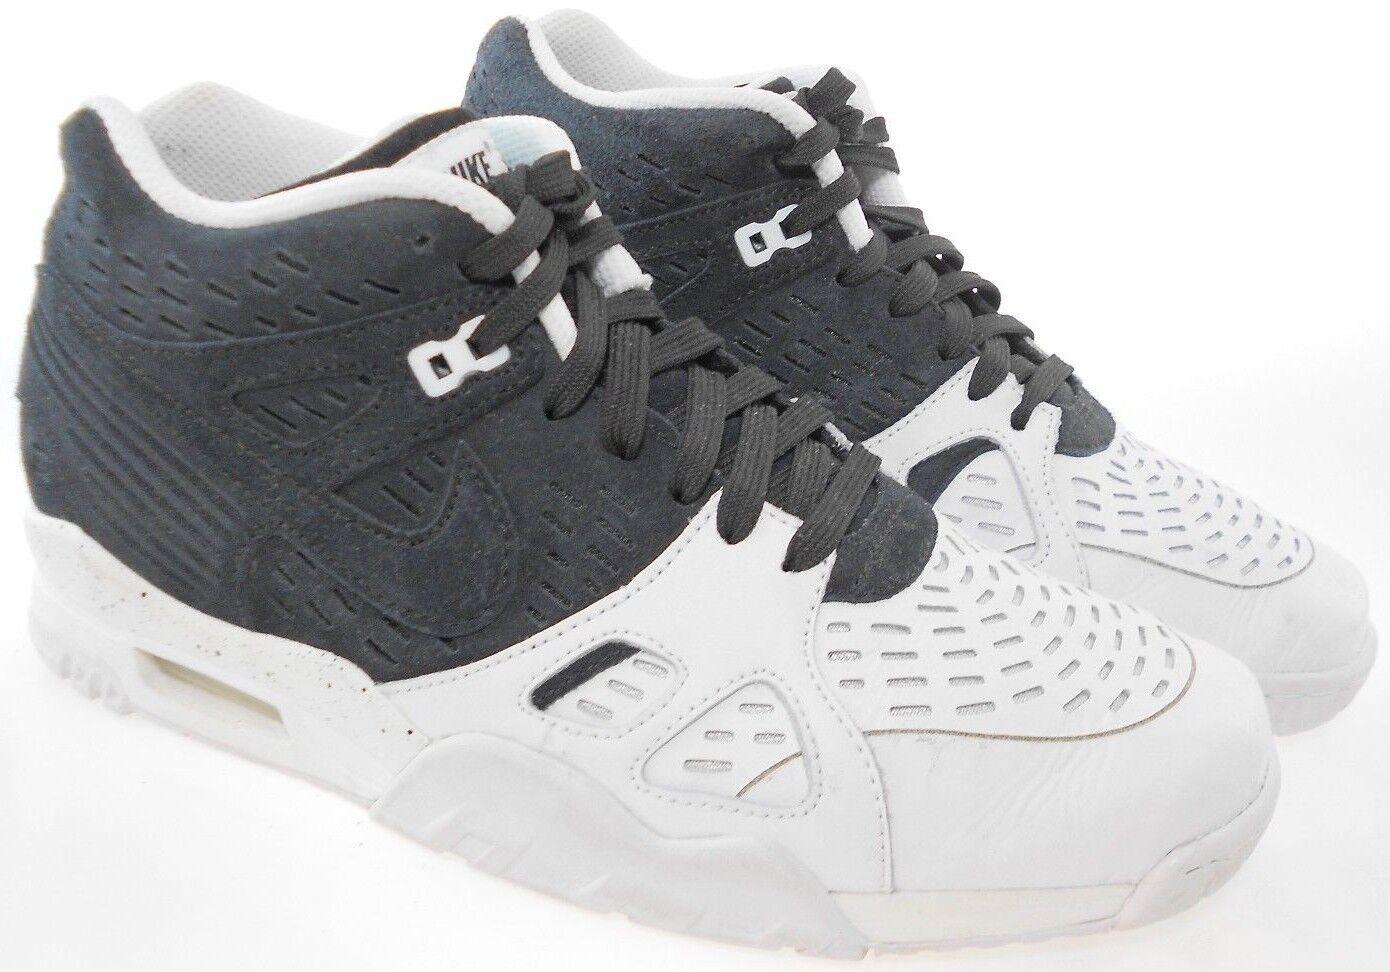 Nike Air Trainer III de del los hombres del de cuero blanco / negro zapatos de entrenamiento reduccion de precio el modelo mas vendido de la marca 6e3fcb